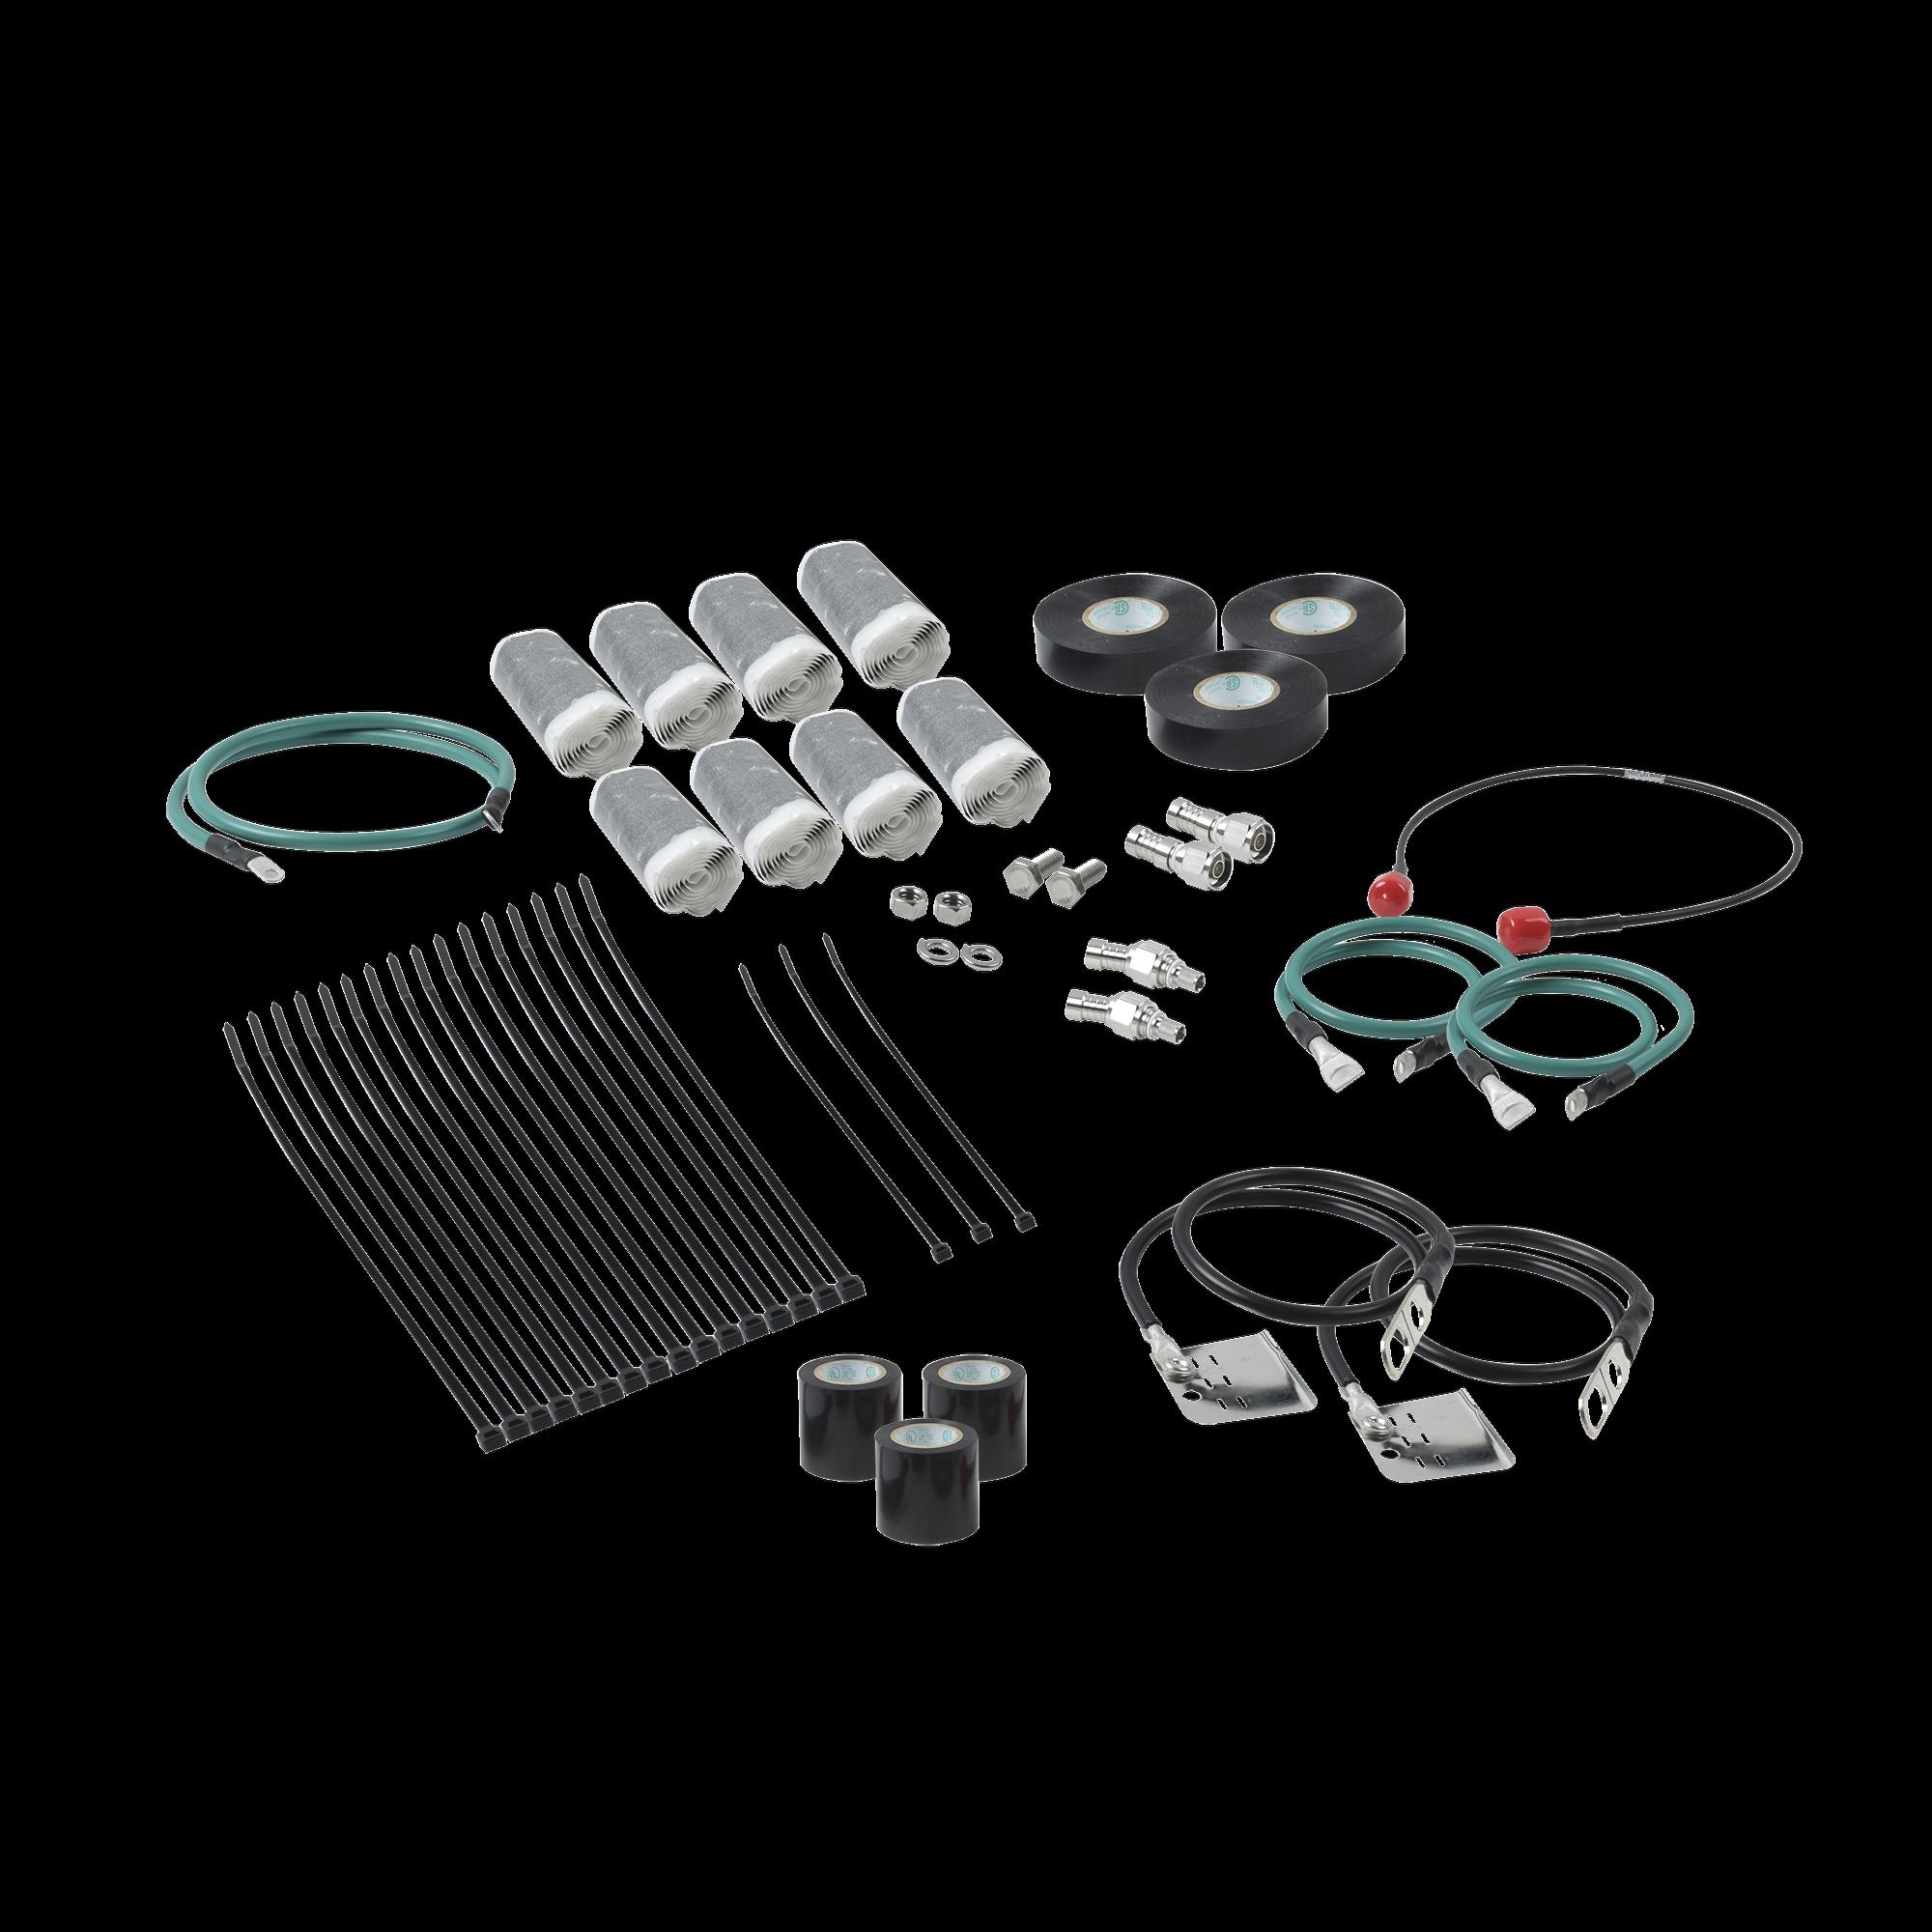 Kit de instalacion para cable coaxial para proyectos PTP 820